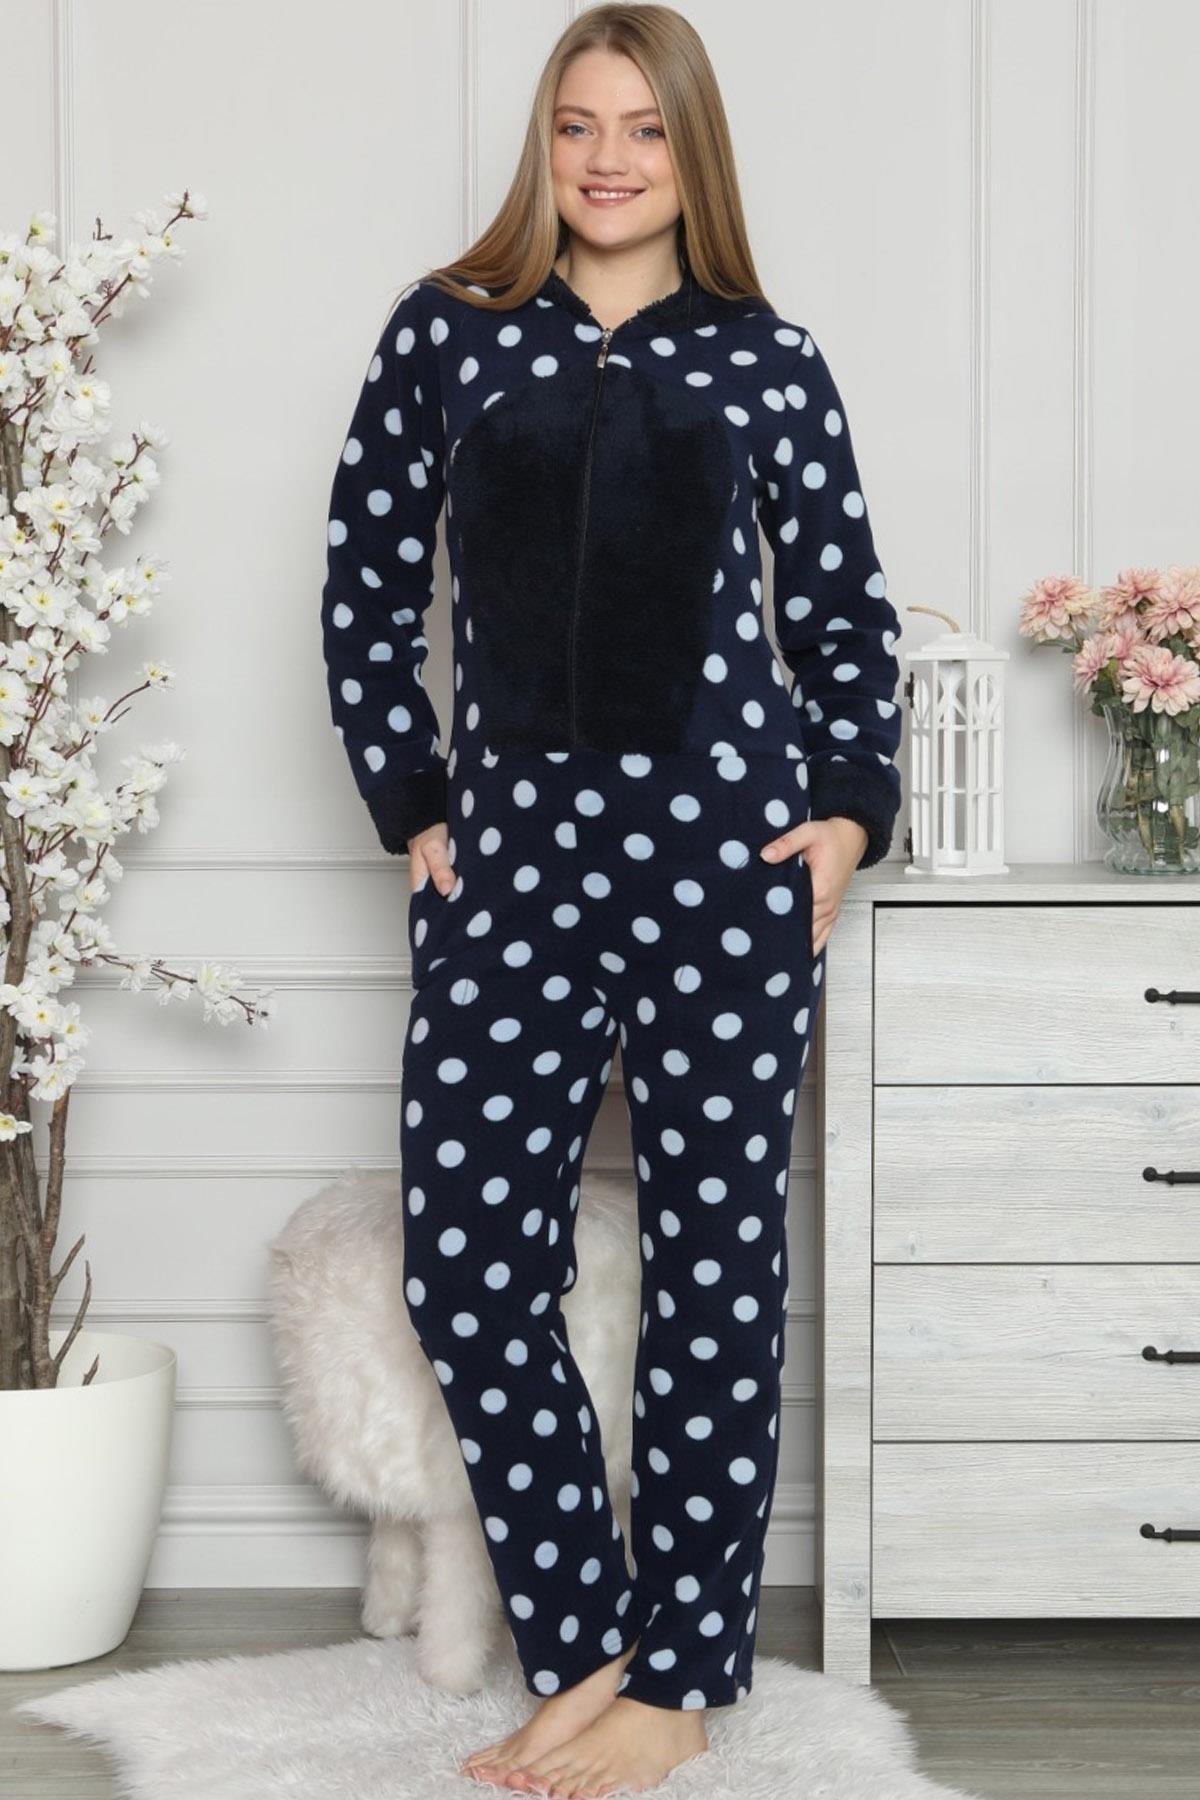 Pijamaevi Kadın Lacivert Büyük Puan Desenli Kadın Polar Peluş Tulum Pijama 2